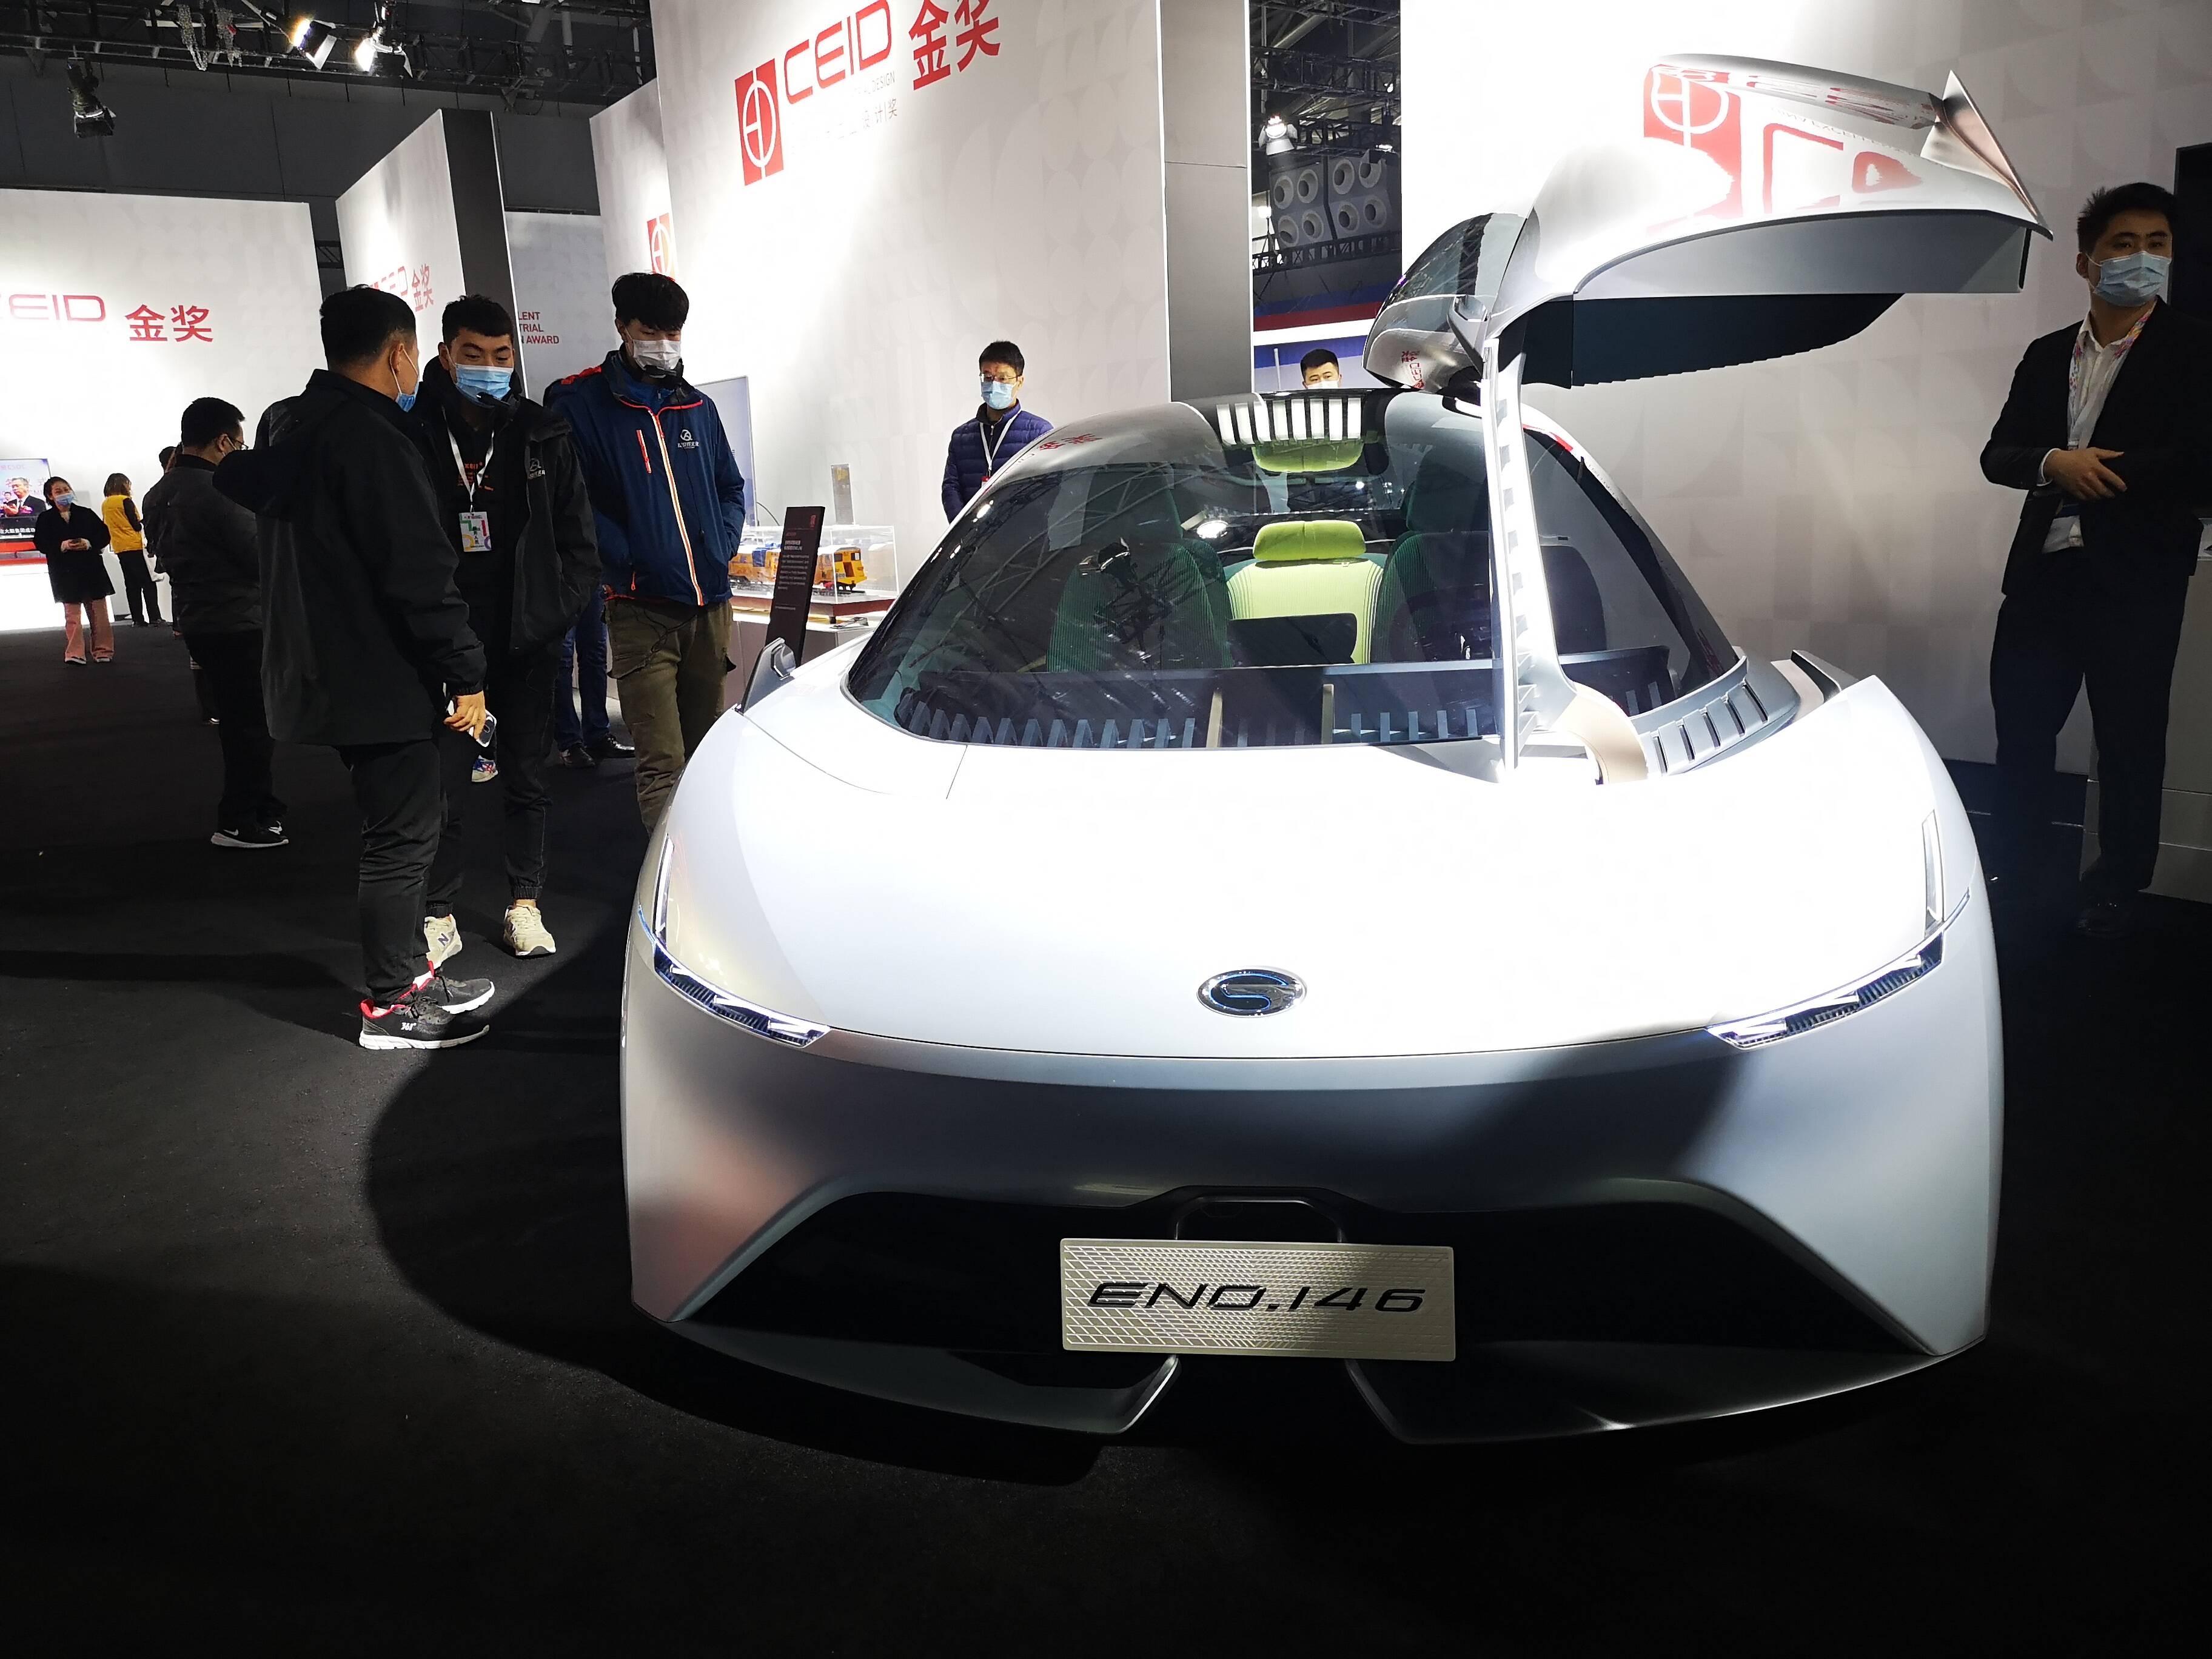 10个最新尖端产品获奖!2020年中国优秀工业设计奖揭晓